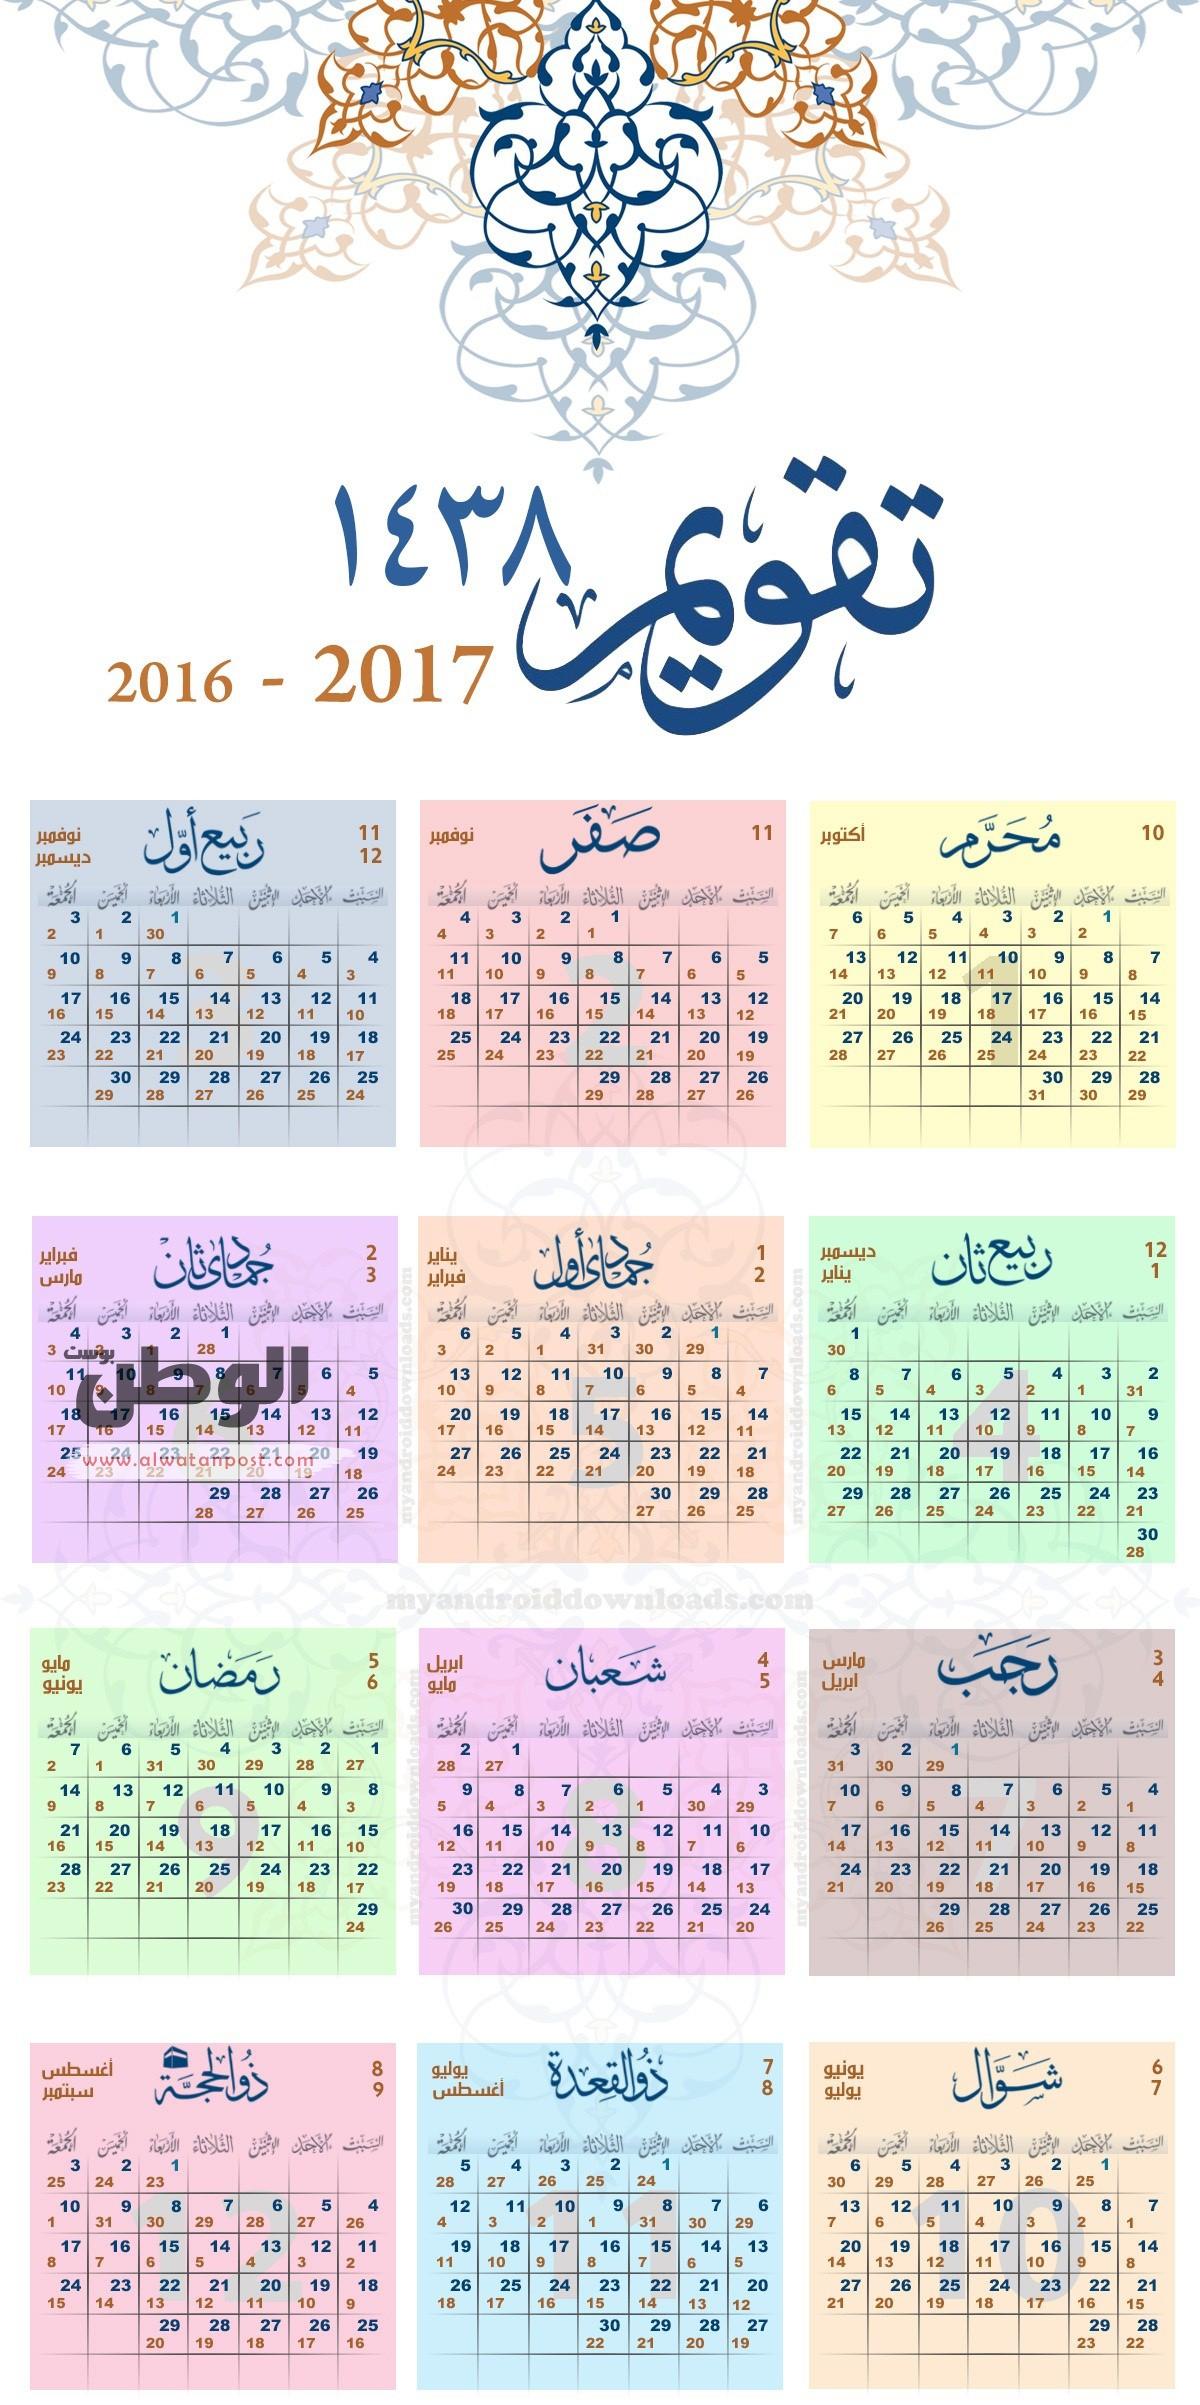 صورة تقويم العام الهجري الجديد ورأس السنة الهجرية 1438 - hijri calendar 1438-2017